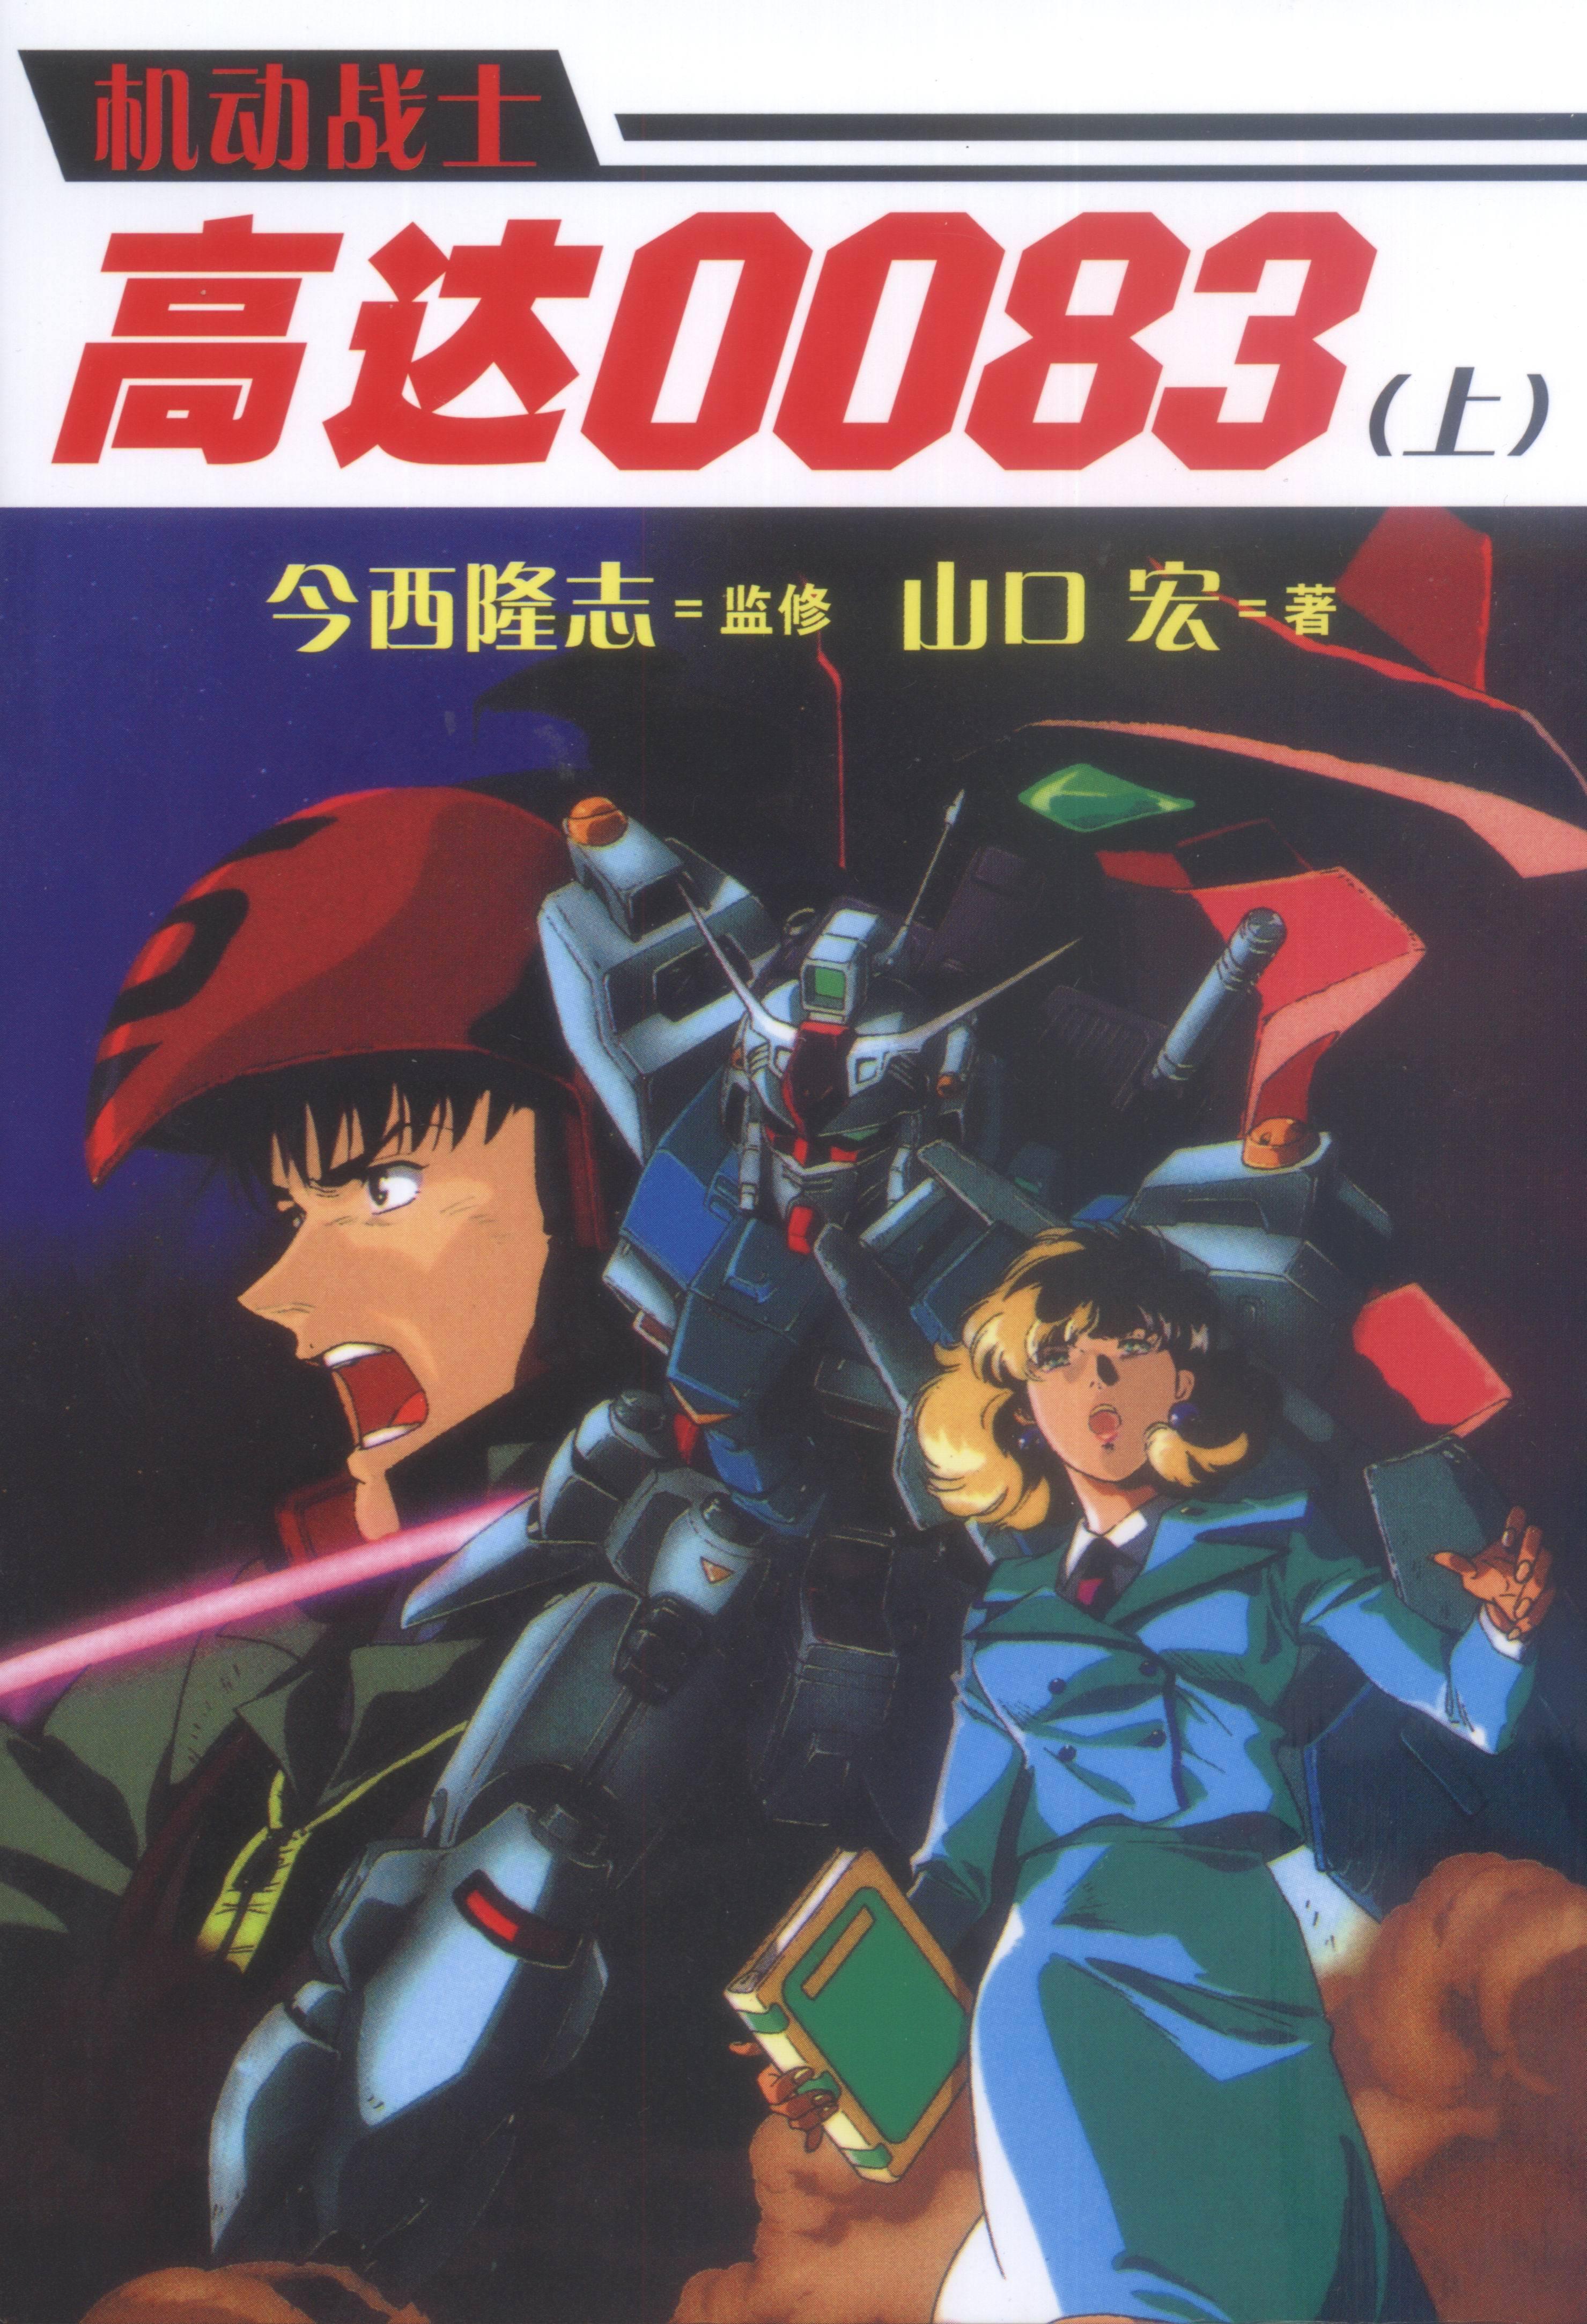 0083 Novel.jpg